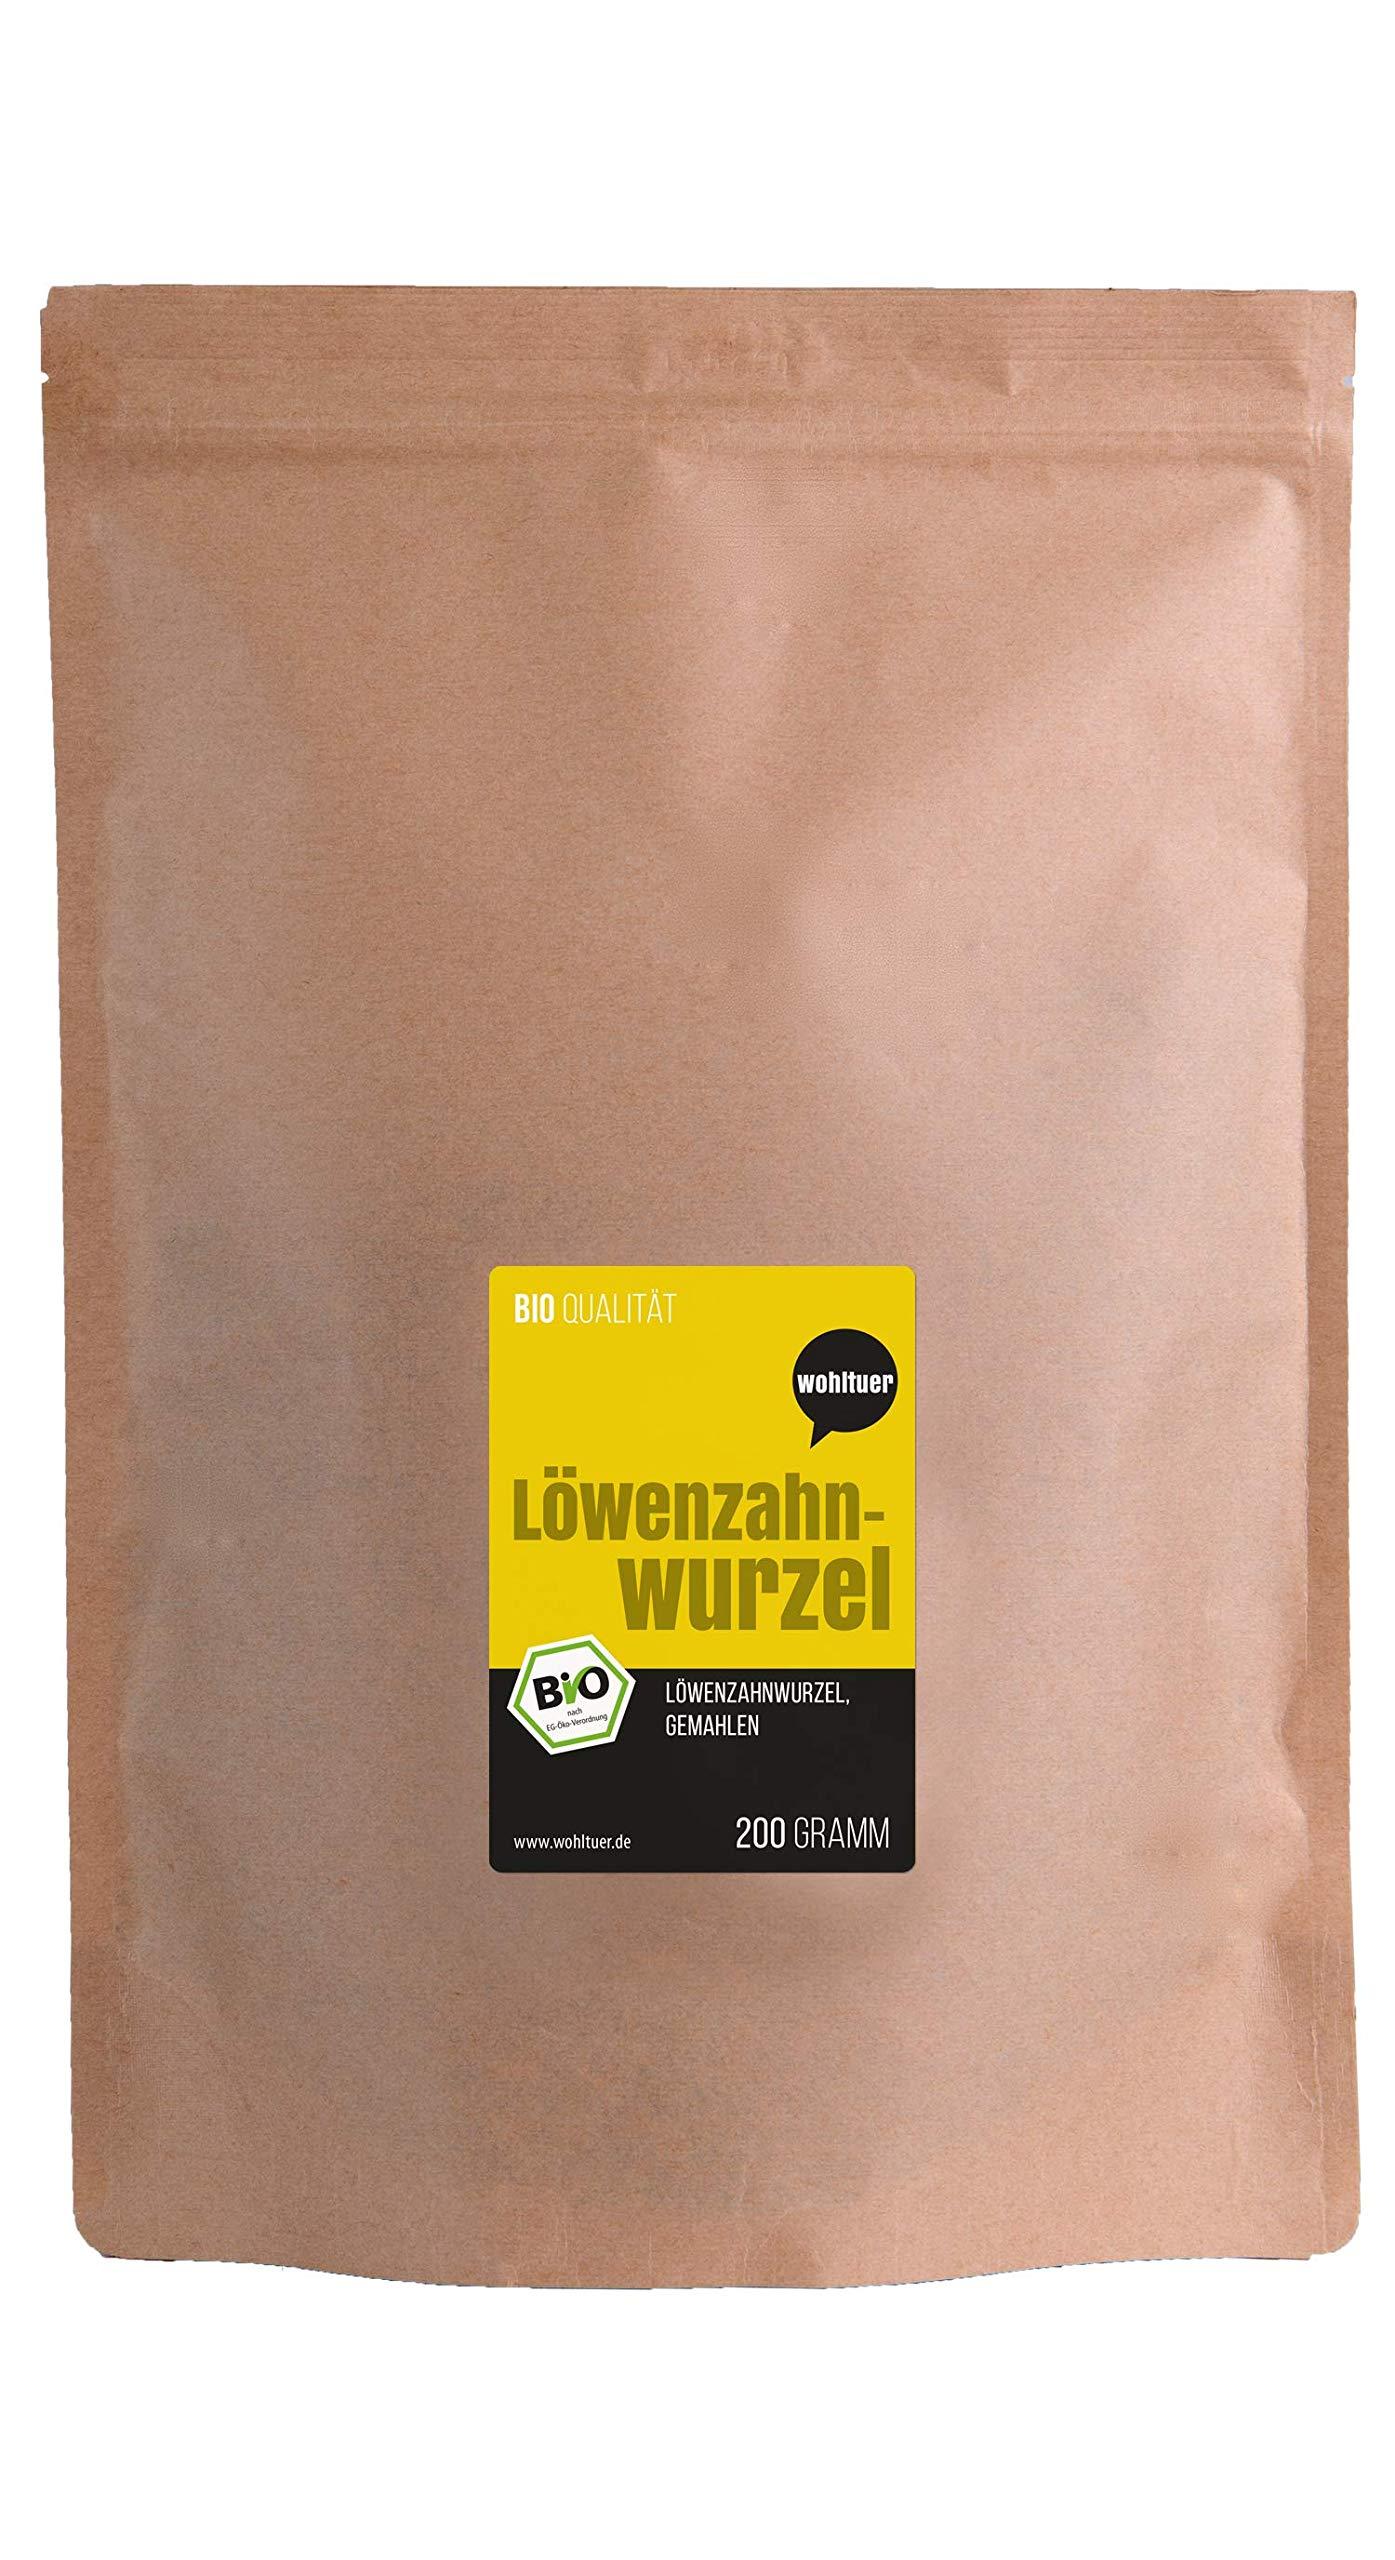 Wohltuer-Bio-Lwenzahnwurzel-gemahlen–Ein-Superfood-aus-der-Heimat-200g-Beutel